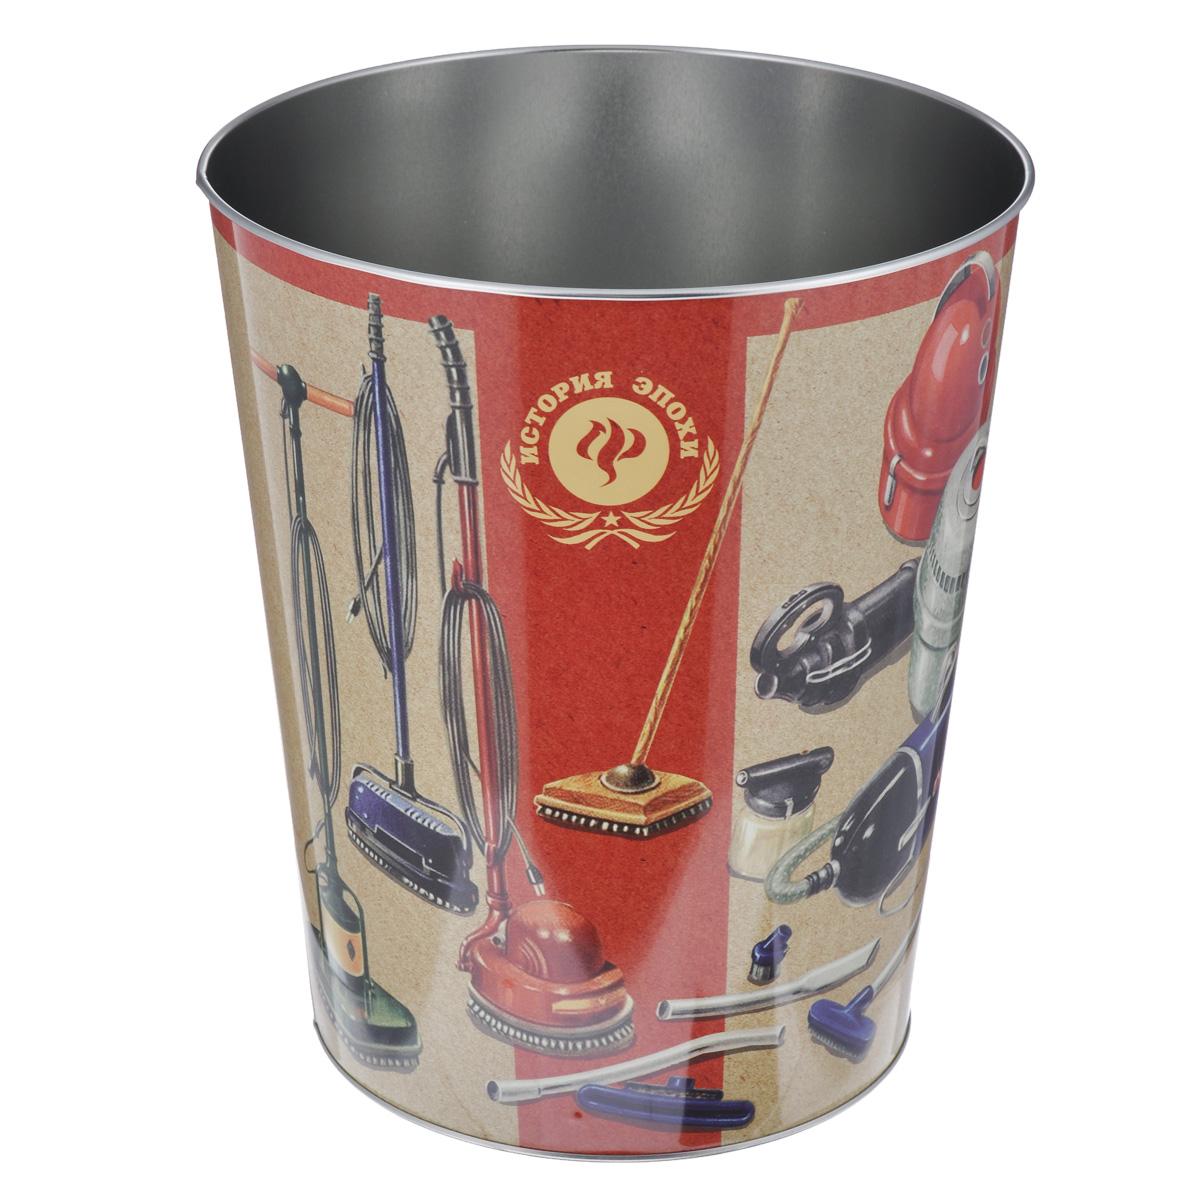 Ведро для мусора Феникс-презент ПылесосыAPS-4L-01Ведро для мусора Феникс-презент Пылесосы изготовлено из металла с изображением старых советских пылесосов. Такой аксессуар очень удобен в использовании, как дома, так и в офисе и прекрасно подойдет для уборки и хранения мусора. Диаметр ведра: 22,5 см. Высота ведра: 26,5 см.